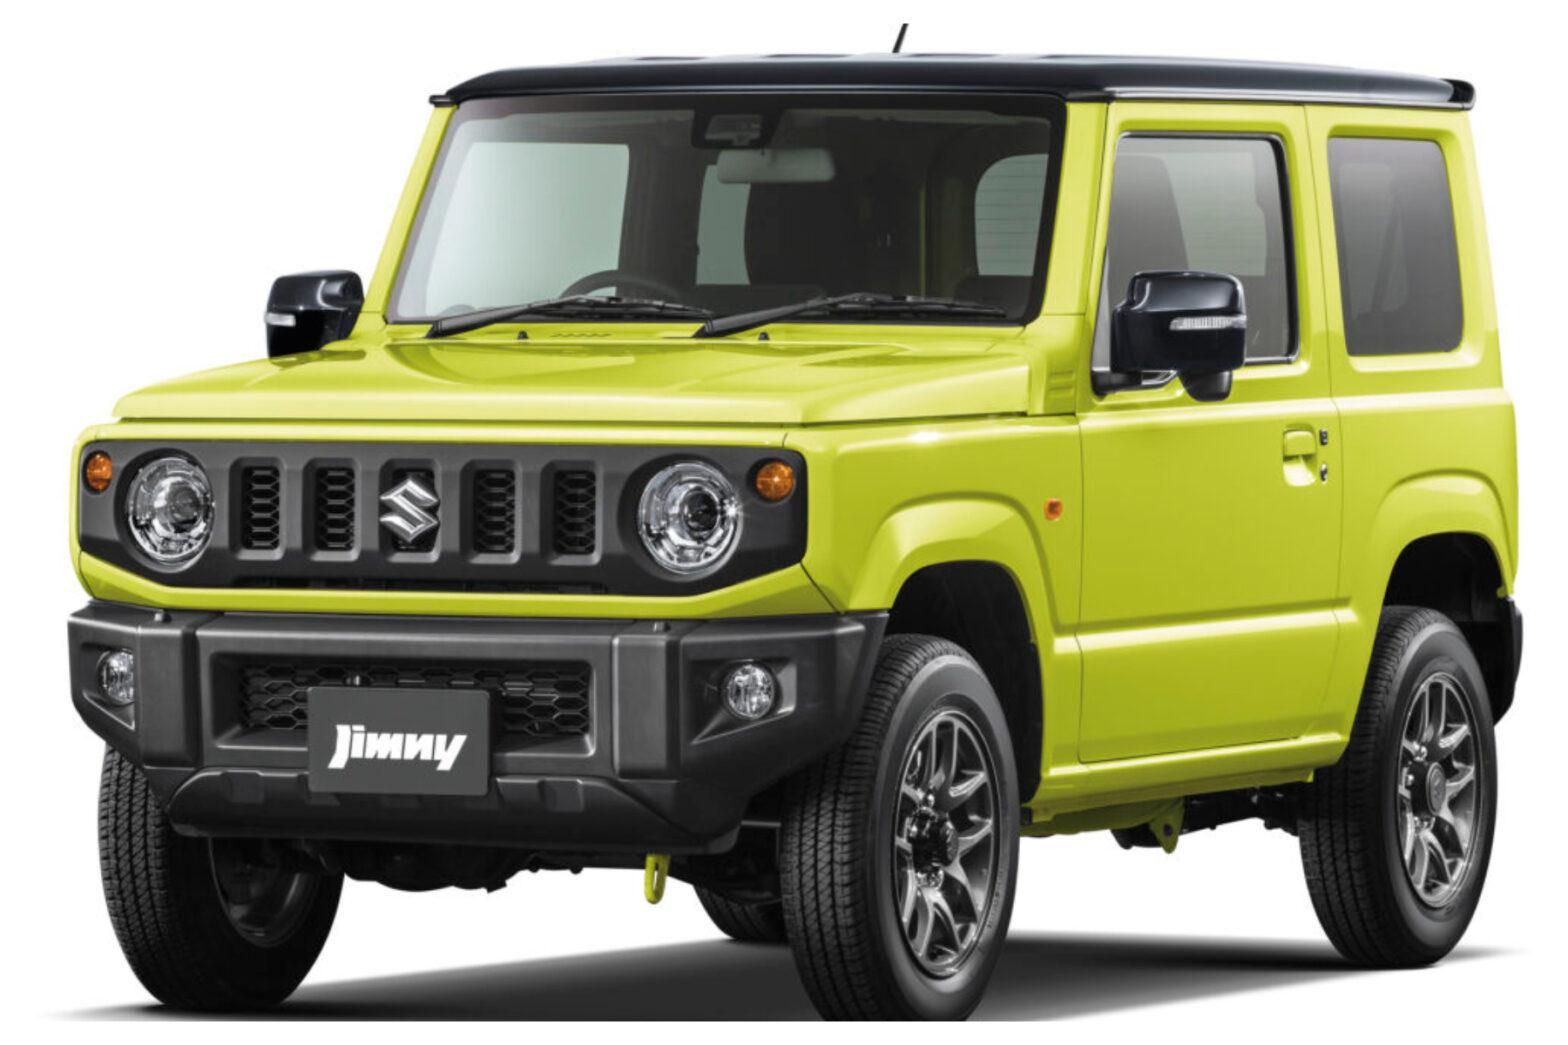 ジムニーで車中泊するなら おすすめのオプションと専用アイテム8選